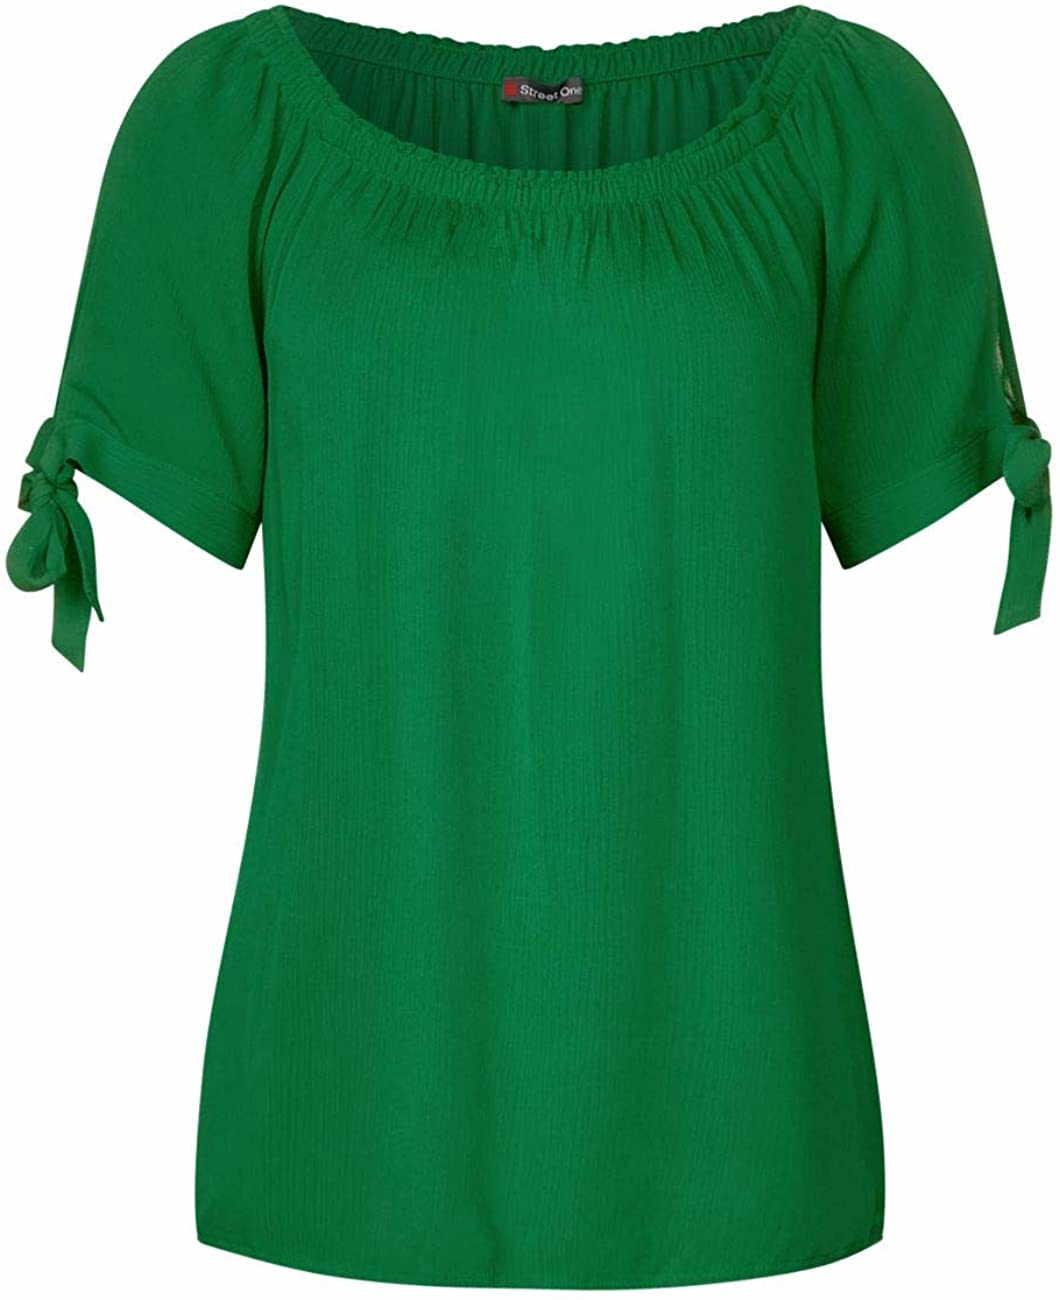 Street One Blusen in grün günstig kaufen